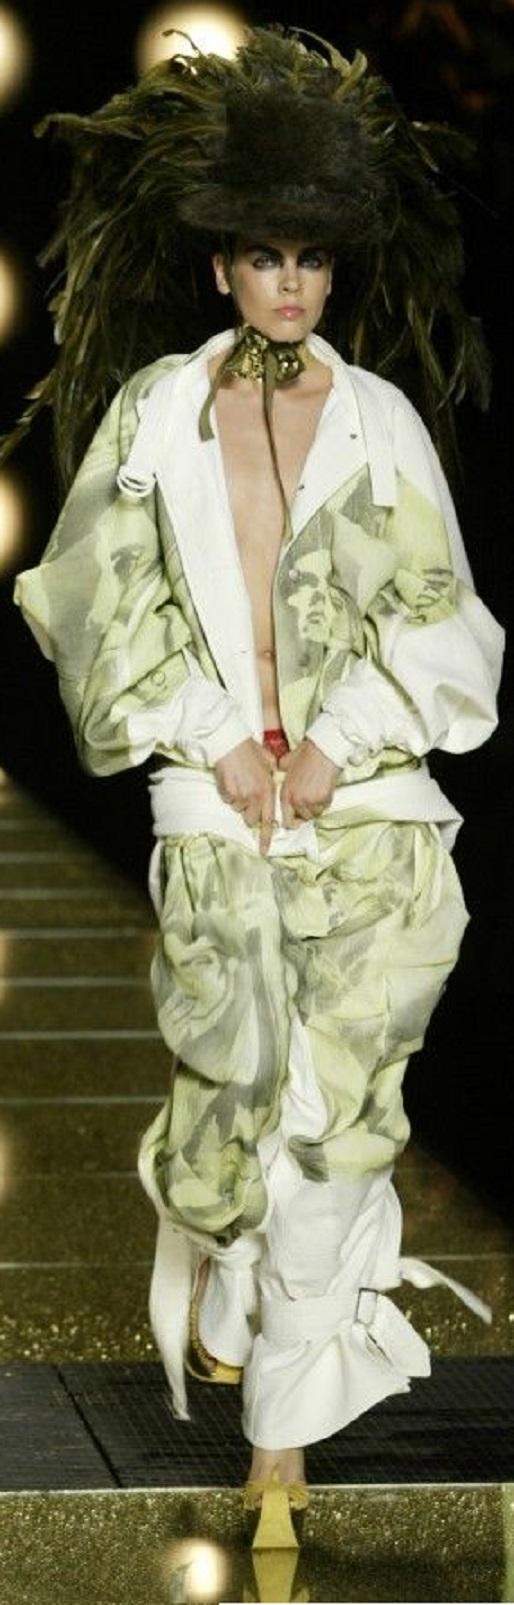 Dior Couture - fall winter 2002 - John Galliano